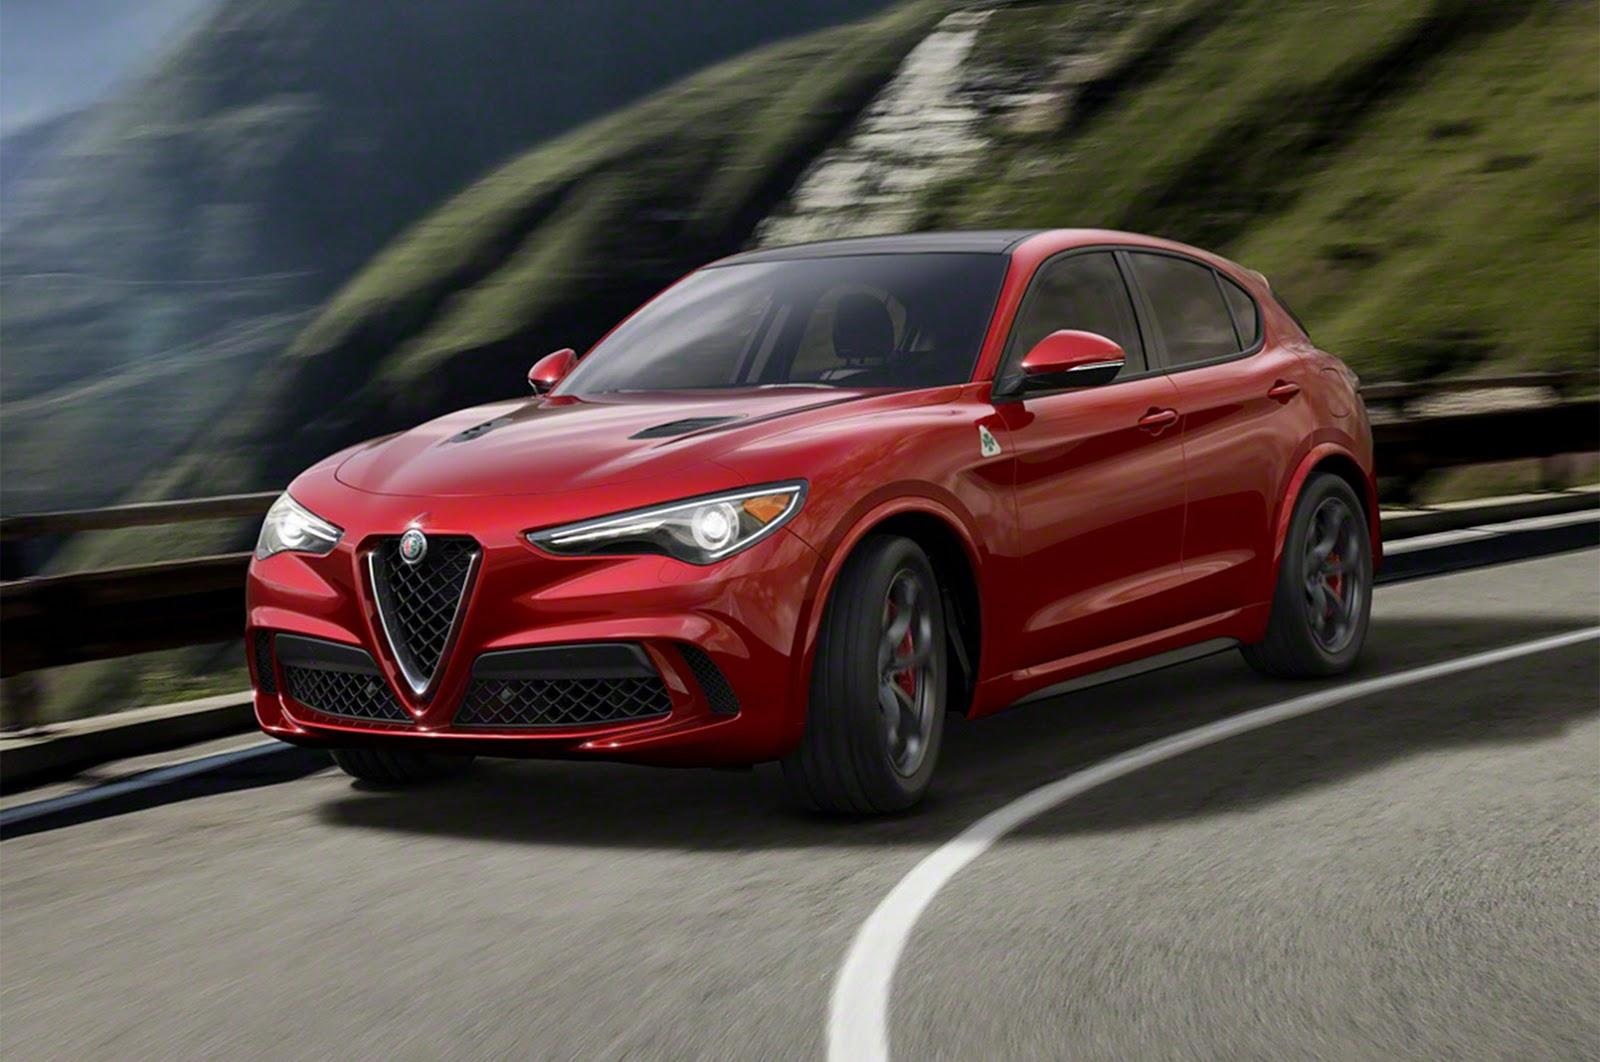 Conheca O Stelvio Primeiro Suv Da Historia Da Alfa Romeo Quatro Rodas